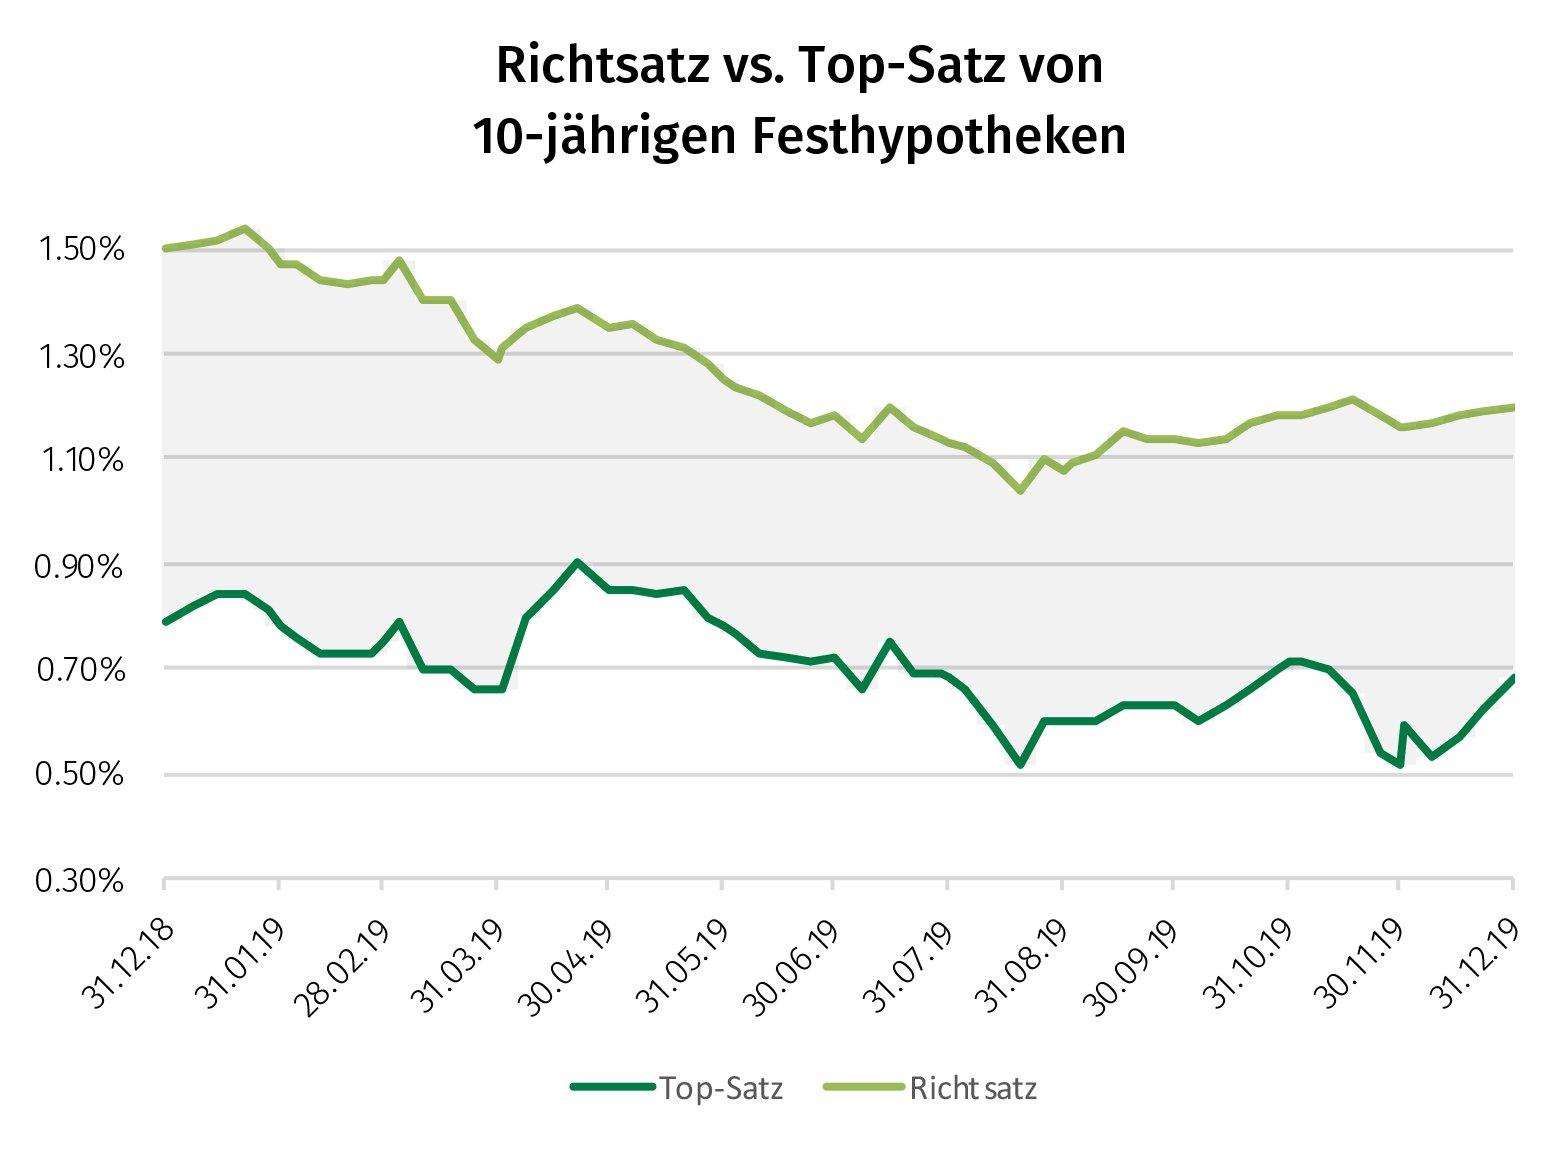 Richtsatz vs. Top-Satz 10-jährige Festhypo